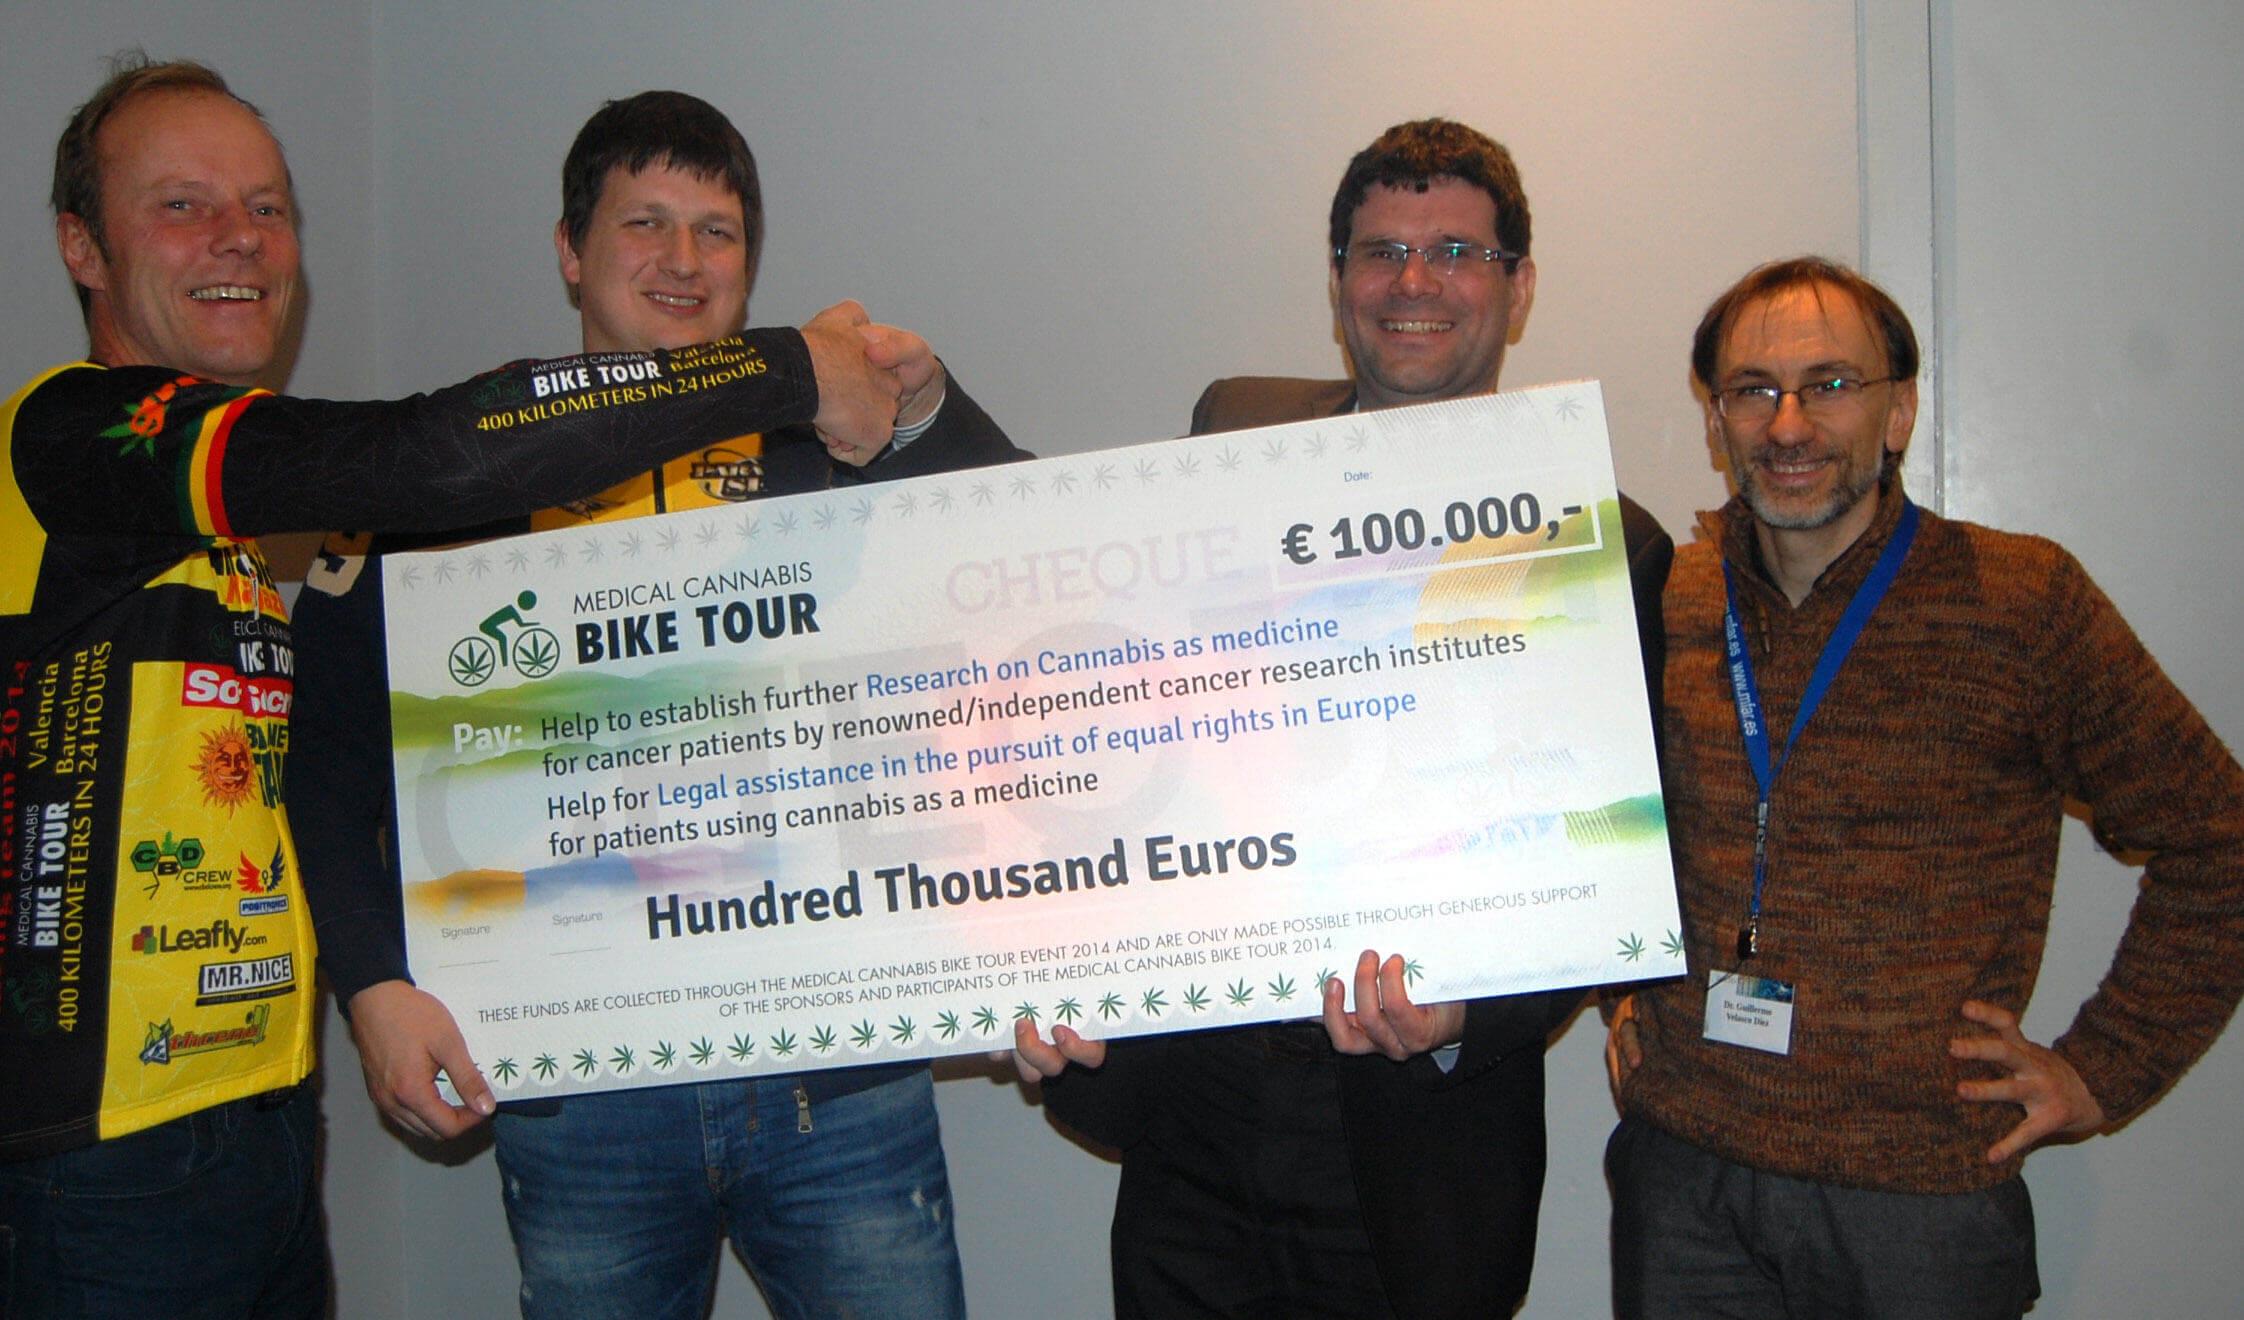 L'équipe de Medical Cannabis Bike Tour remet un chèque de 100 000€ pour la recherche contre le gliome